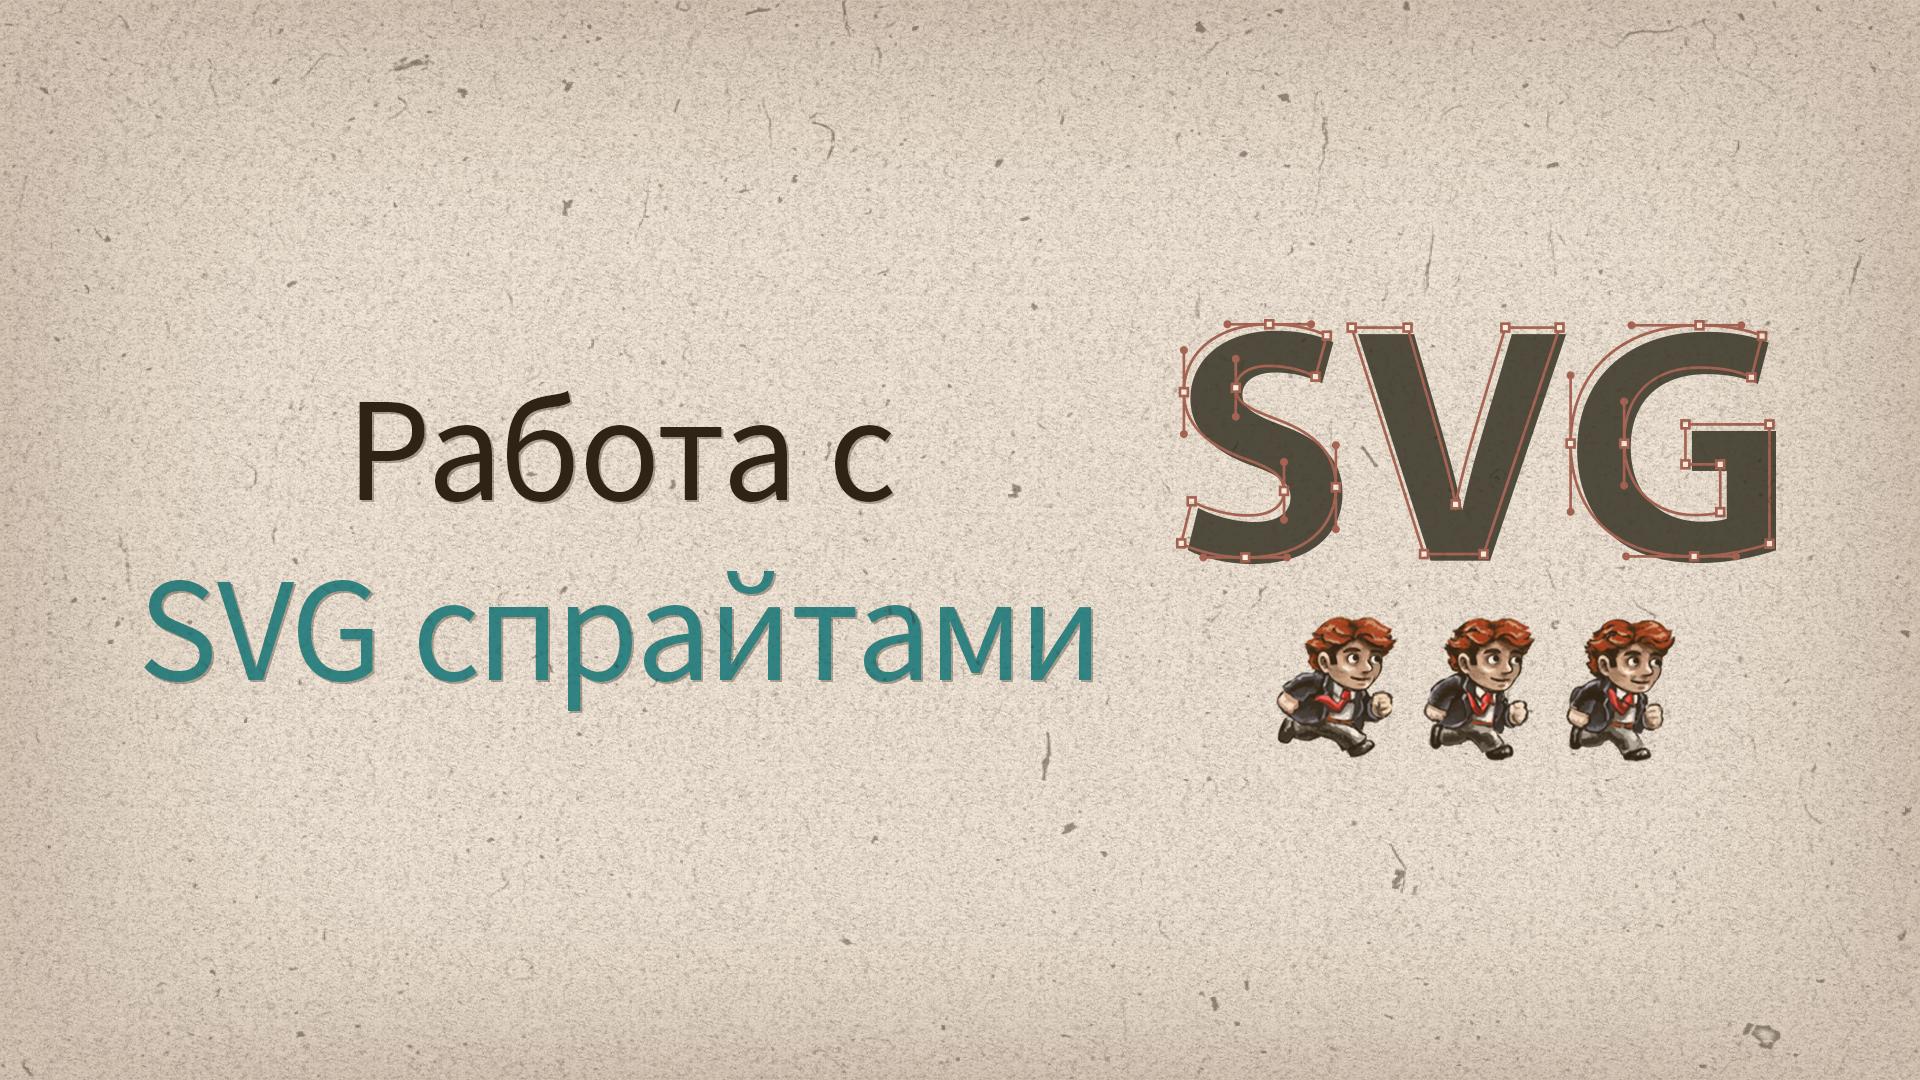 SVG спрайты, 4 способа использования